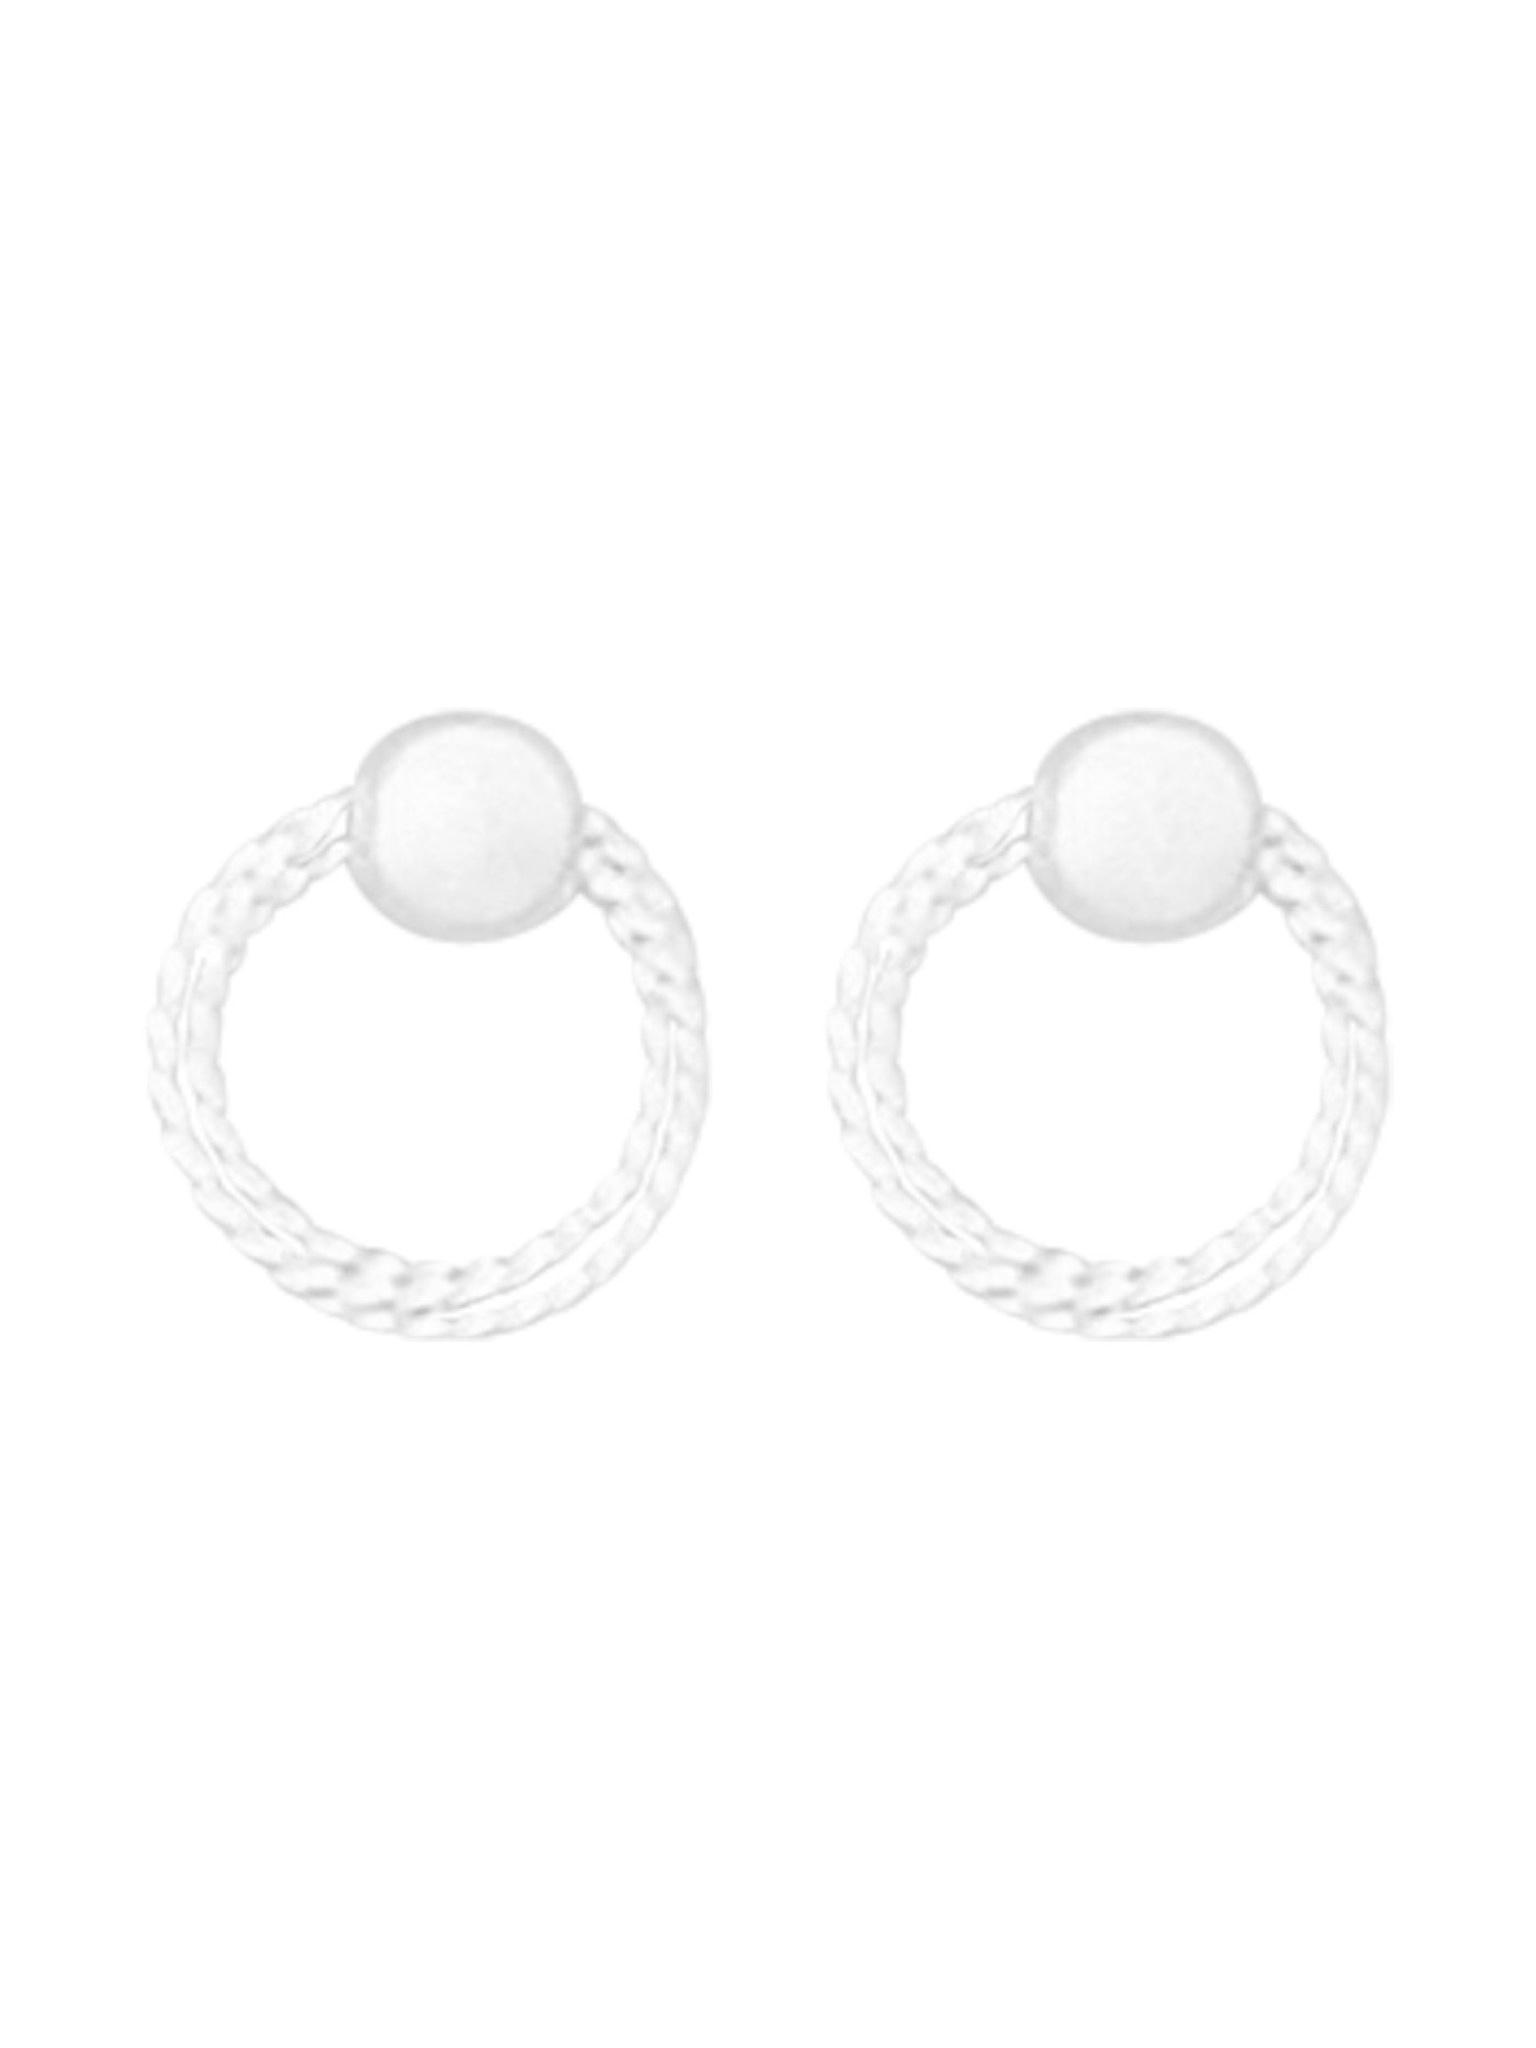 Acomo Jewelry Door Knocker Stud Earring